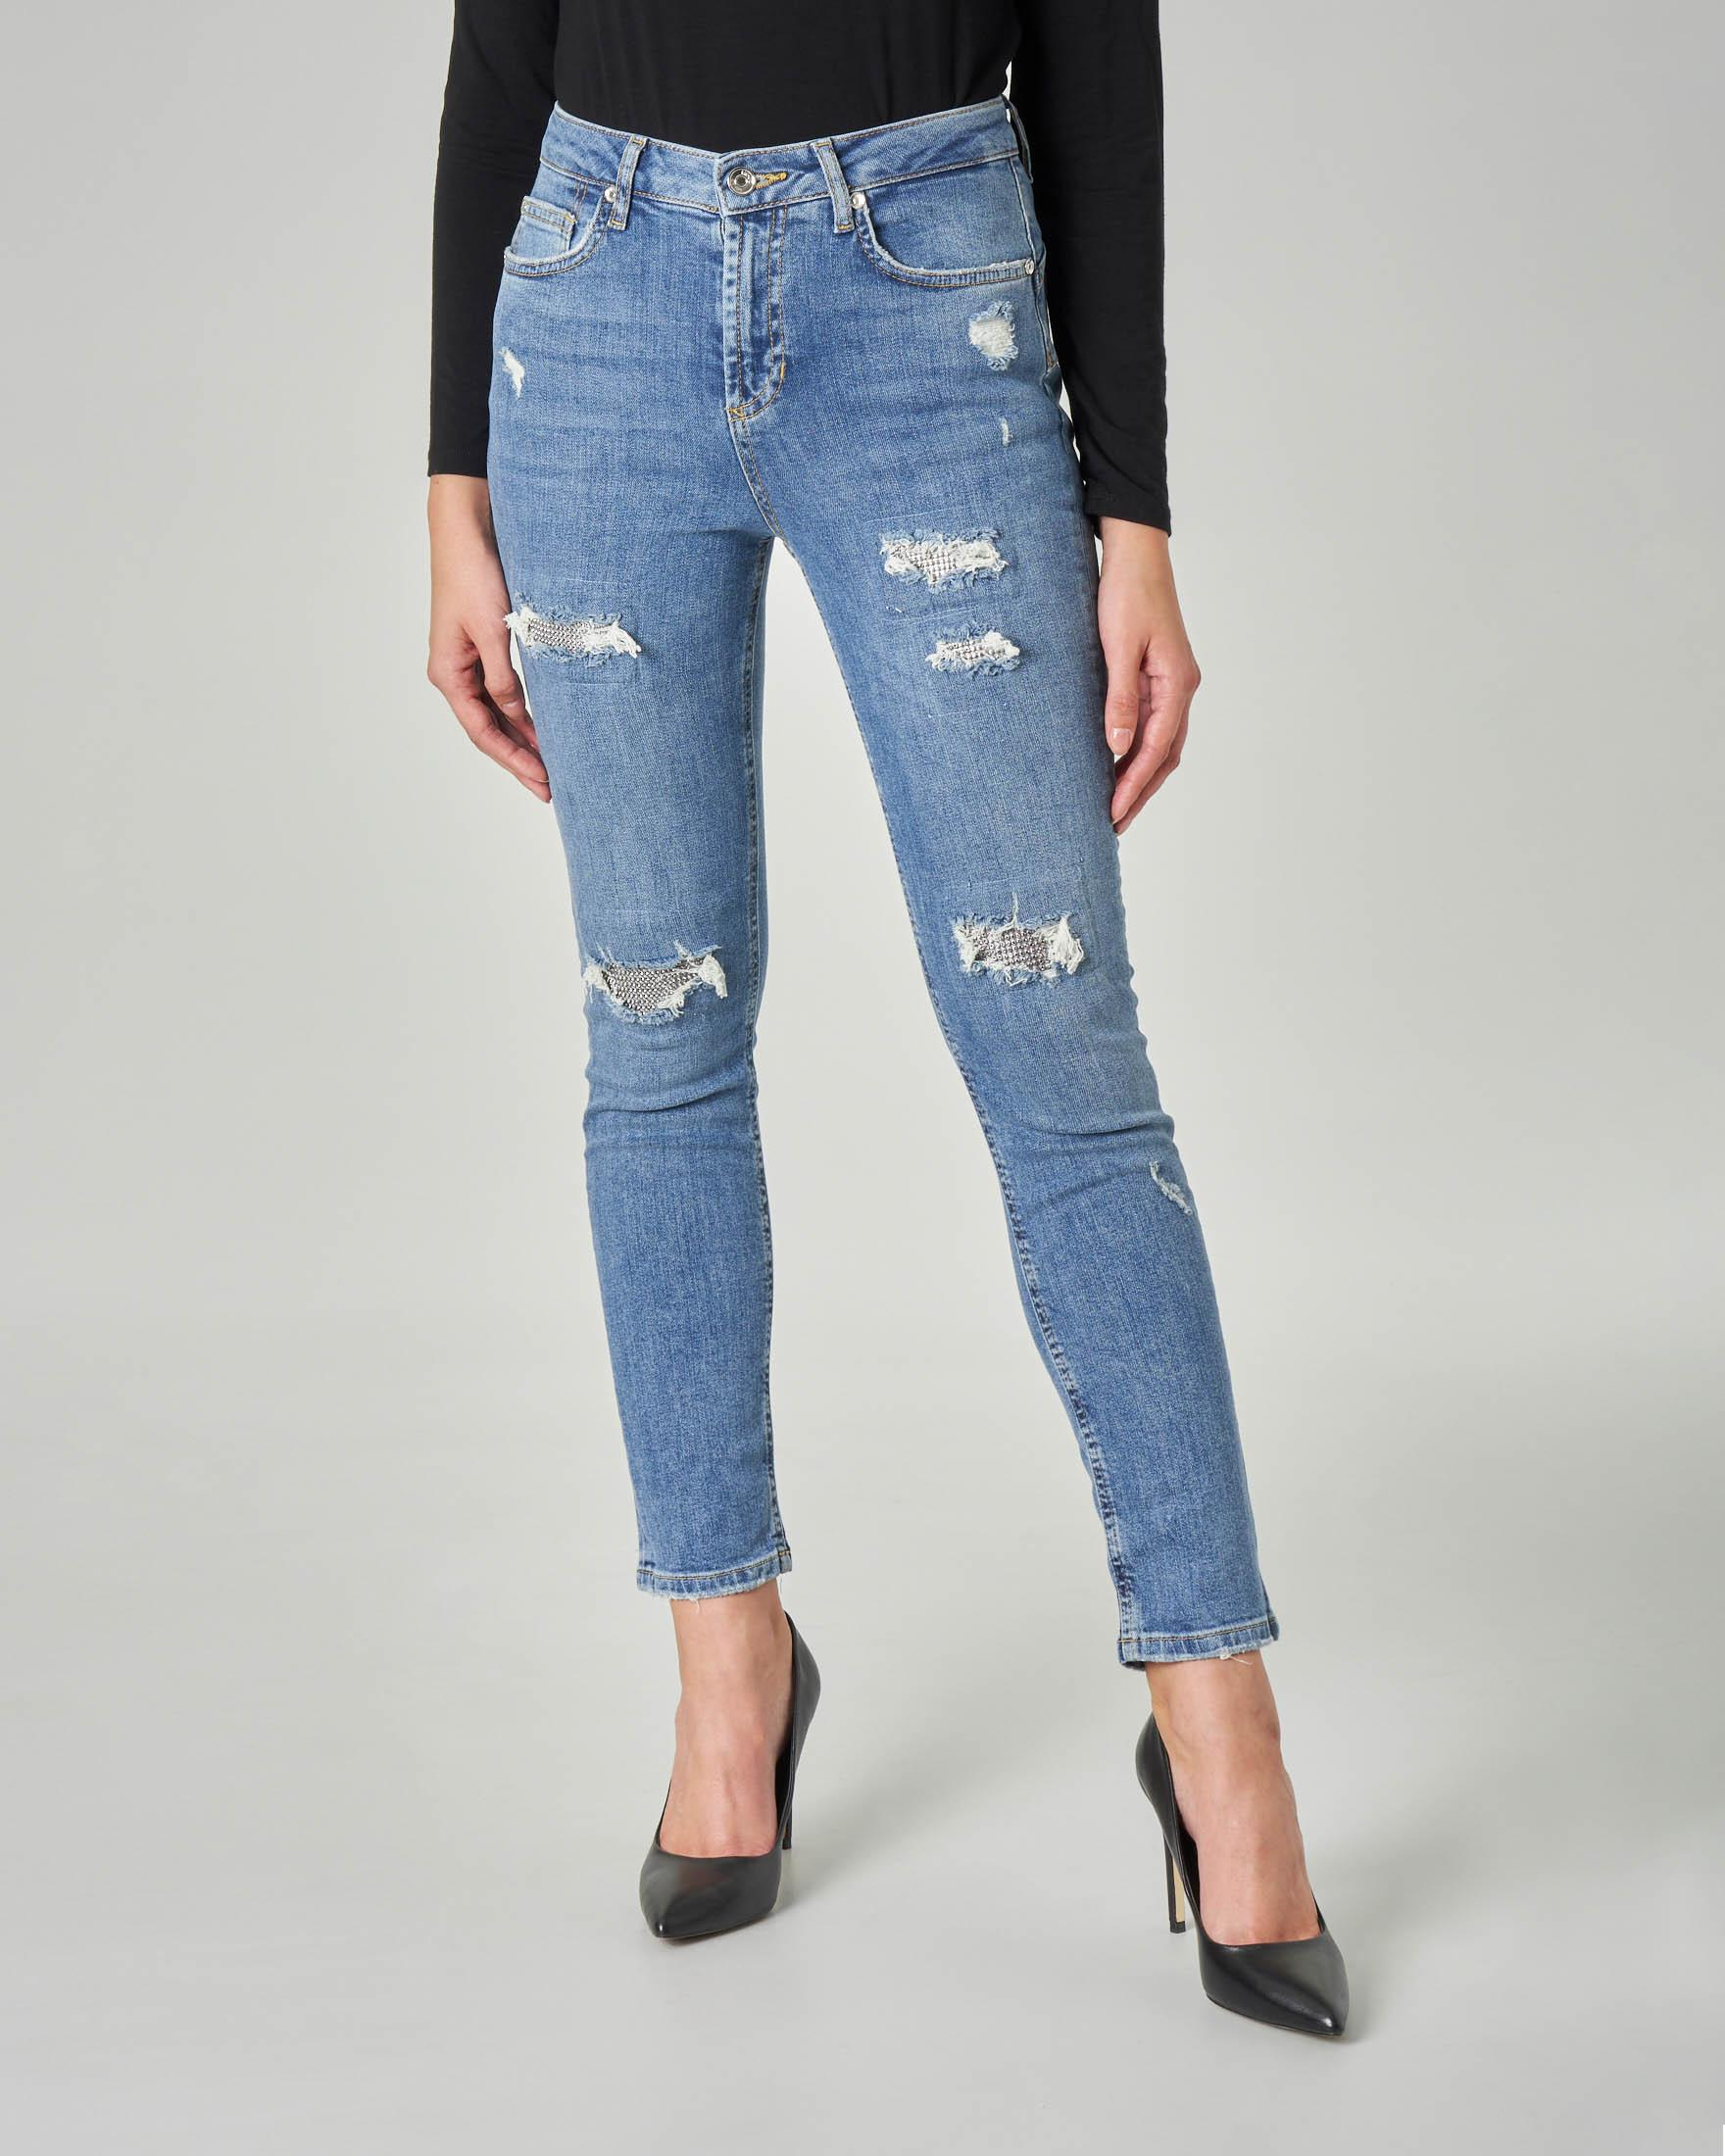 Jeans skinny con rotture lungo la gambe con fondo in strass